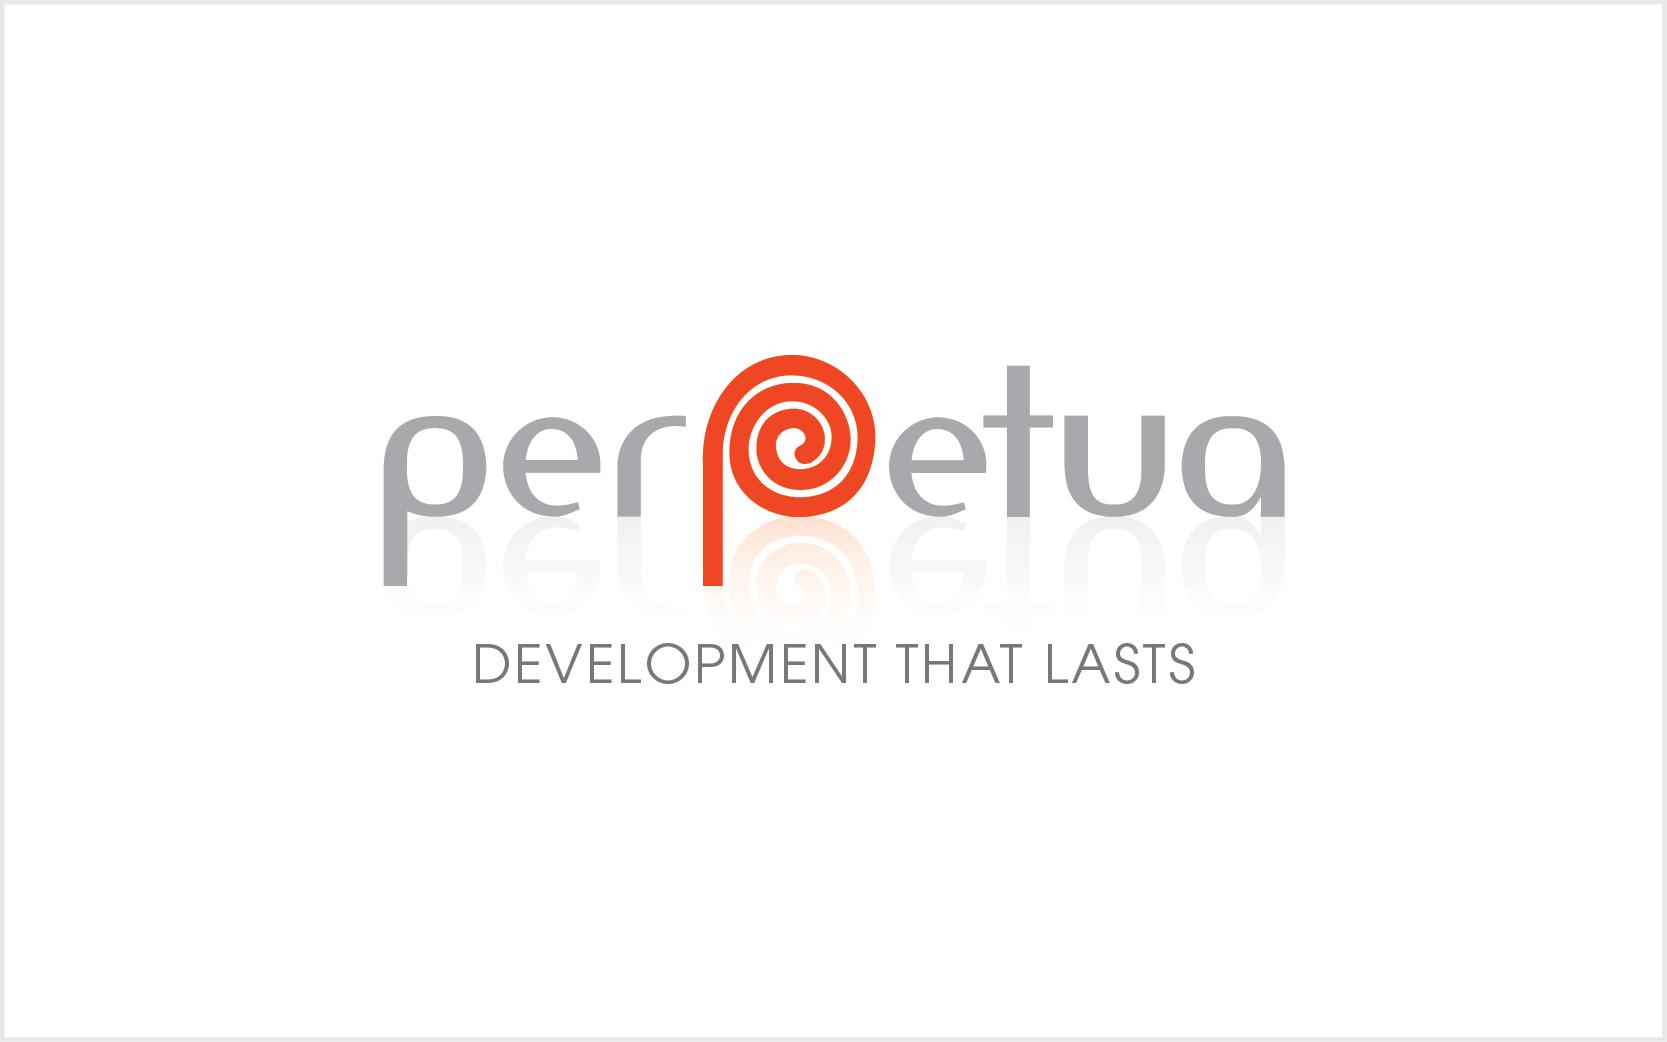 Perpetua Logo